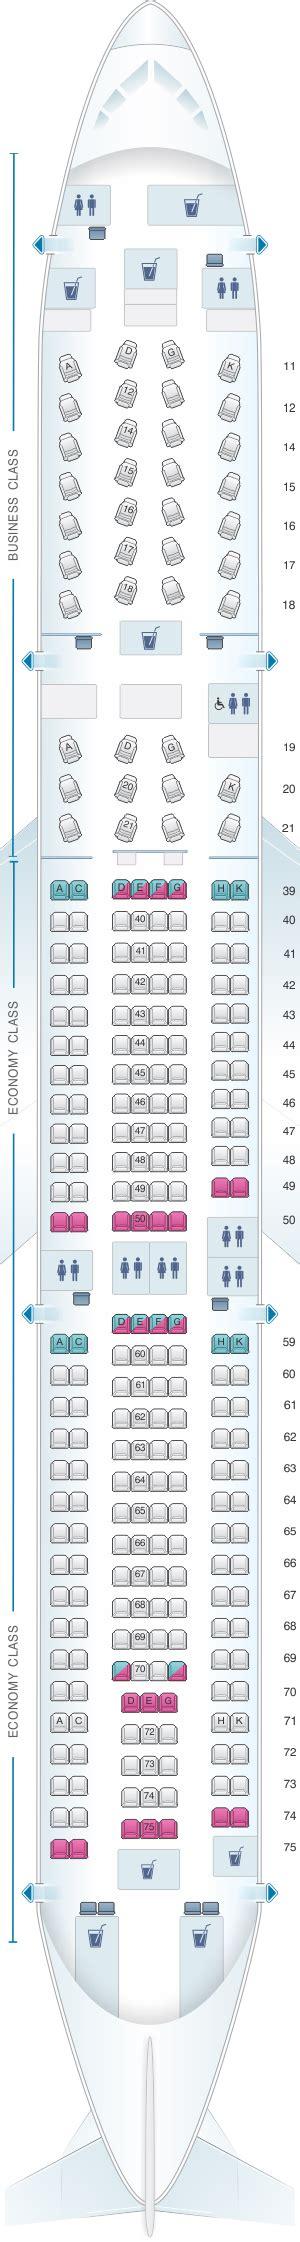 cathay pacific seat map seat map cathay pacific airways airbus a330 300 33e